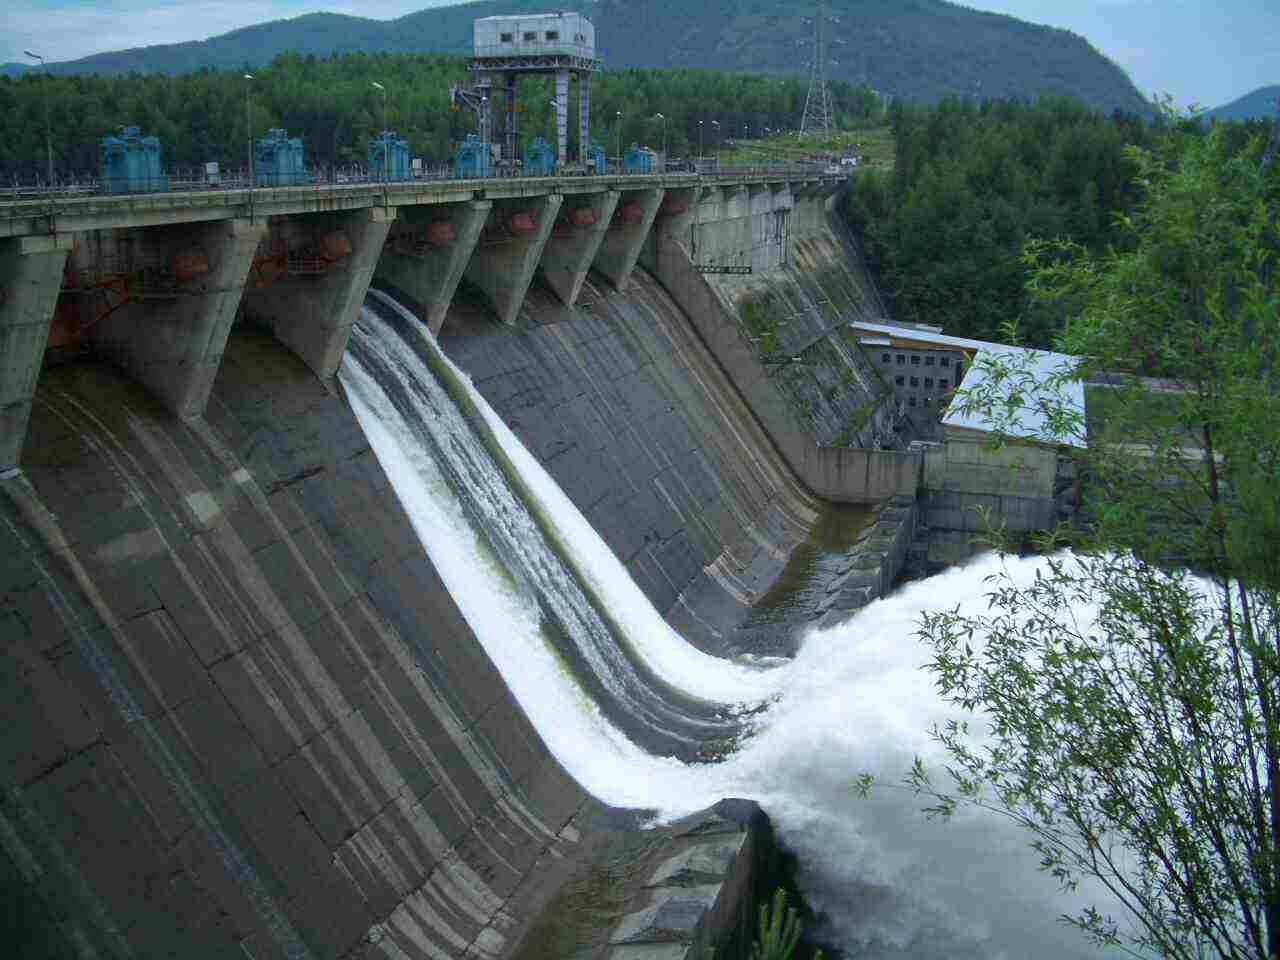 Standard Hydro Power планирует строительство двух каскадов ГЭС на реке Буйен в Алматинской области